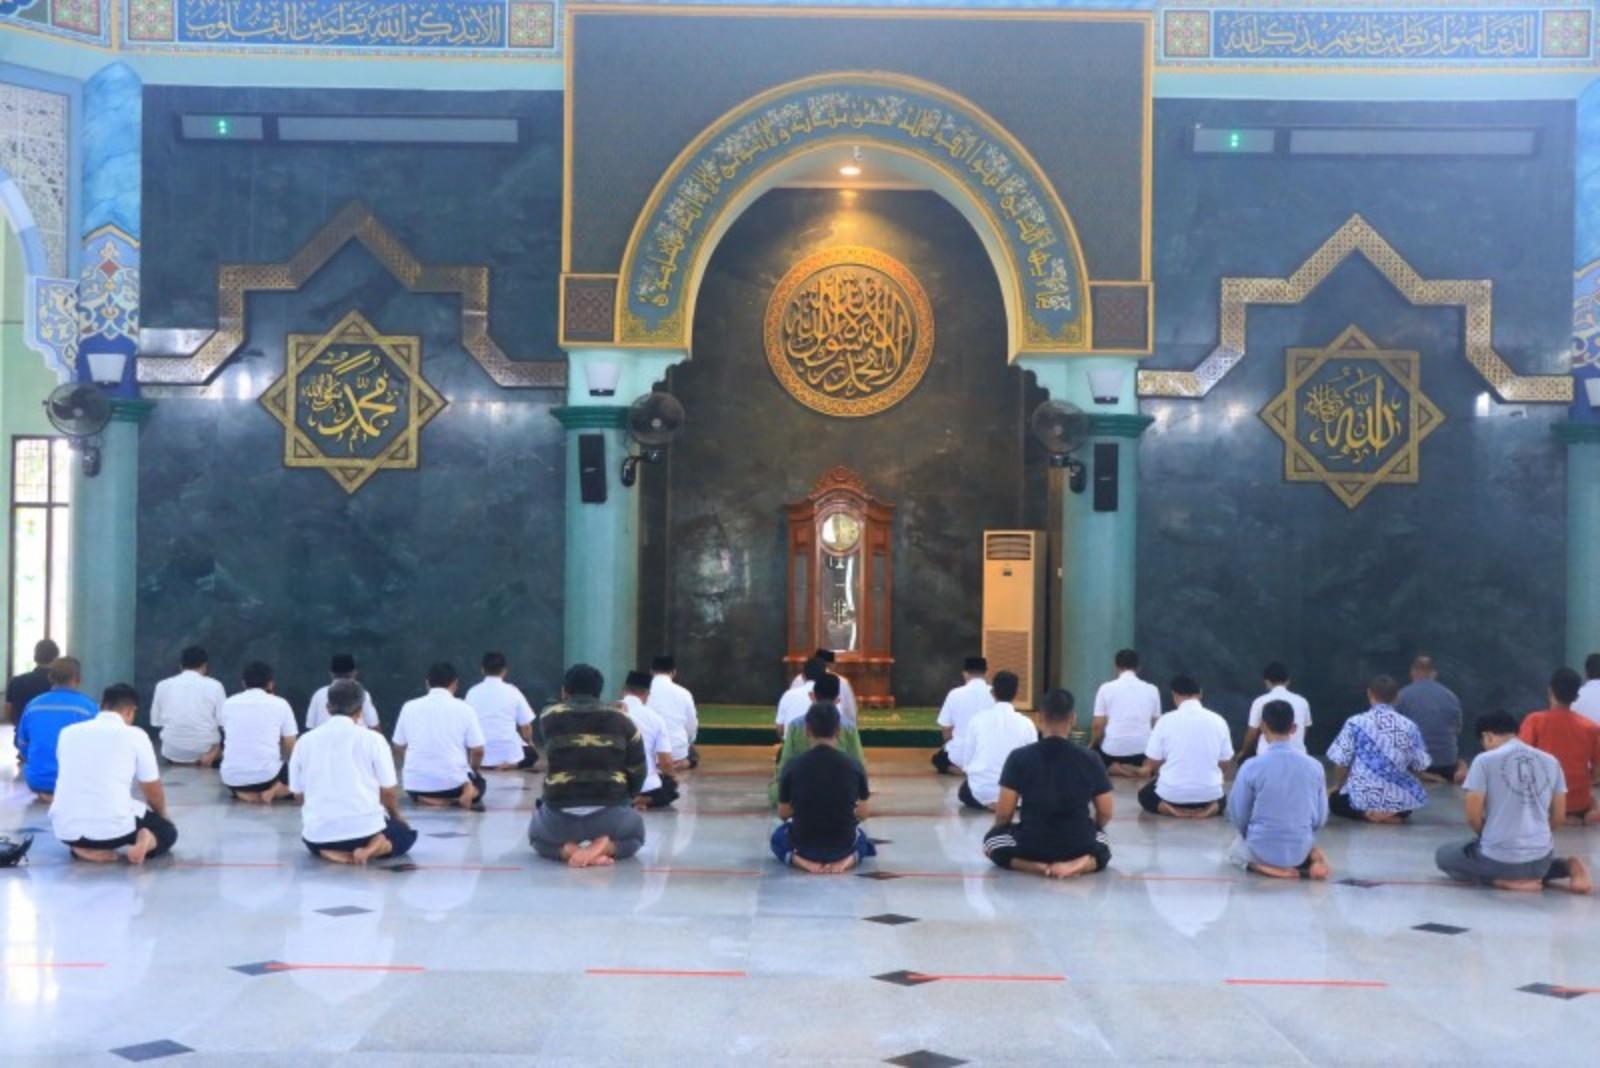 https: img.okezone.com content 2020 06 12 338 2228678 masjid-di-pusat-kota-tangerang-gelar-sholat-jumat-jamaah-diminta-tertib-9l9PinFVnY.jpg